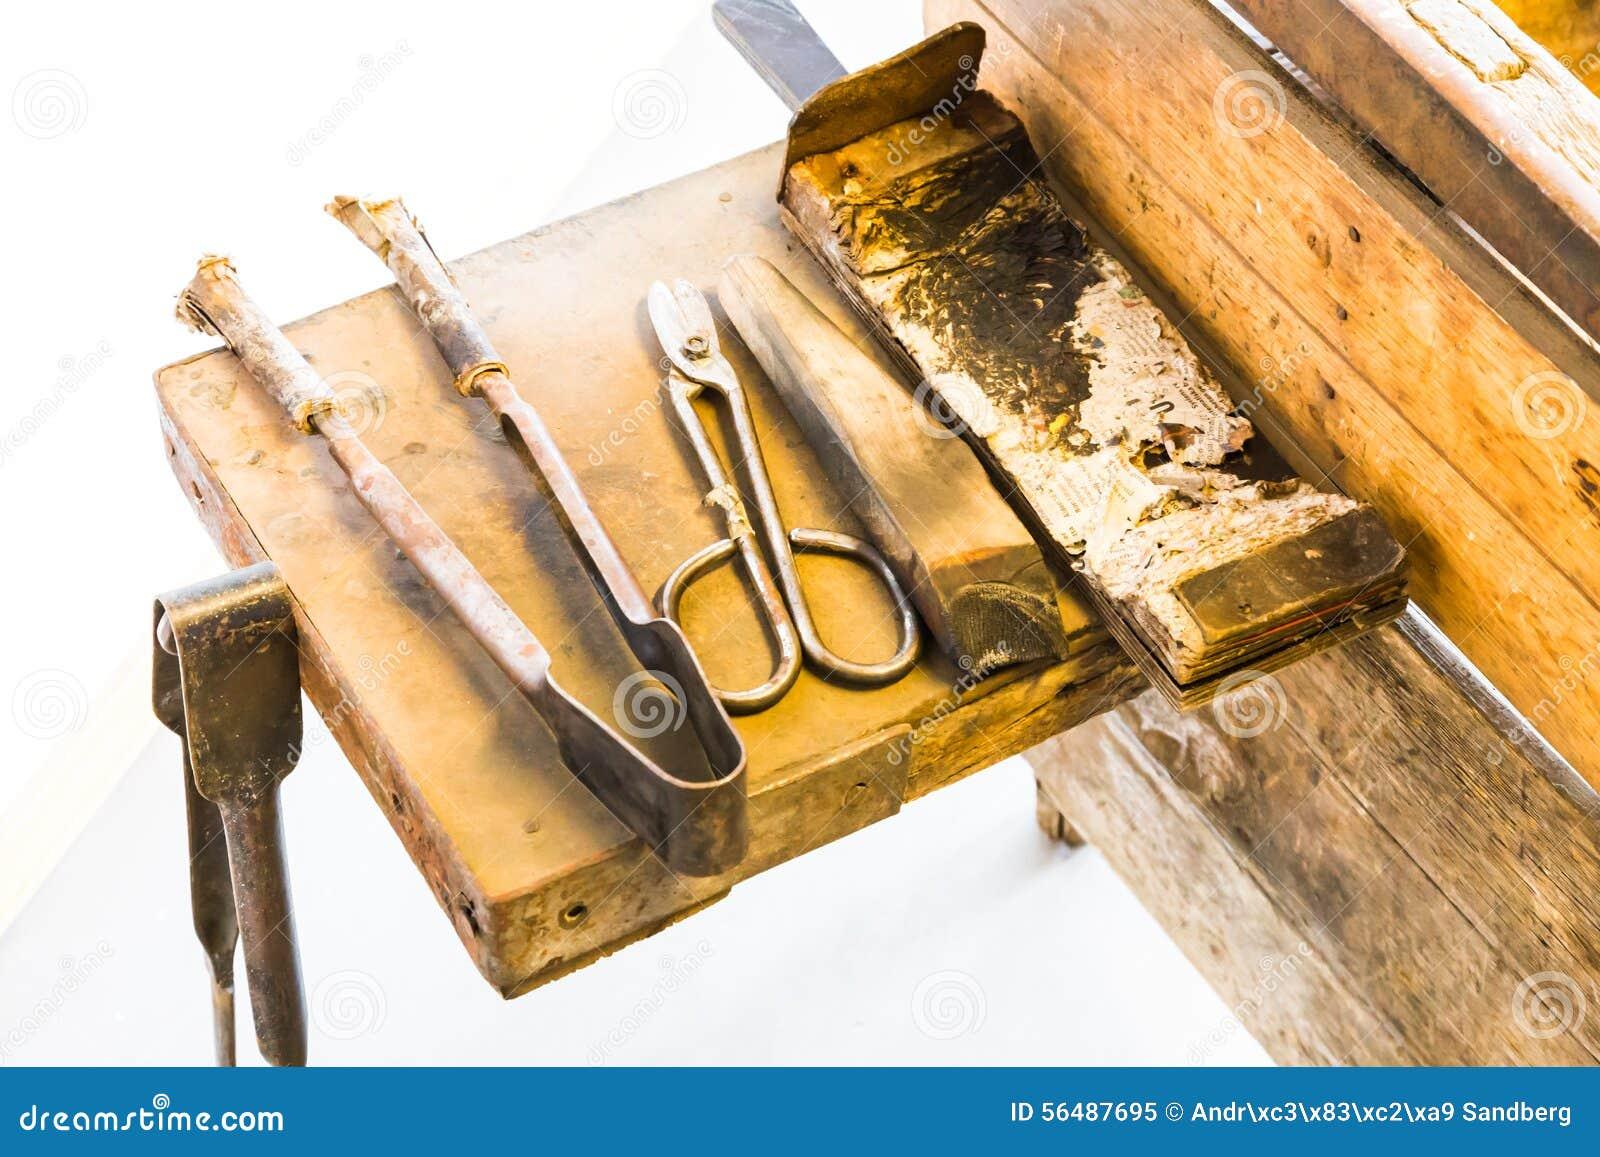 Les outils du vieux souffleur de verre